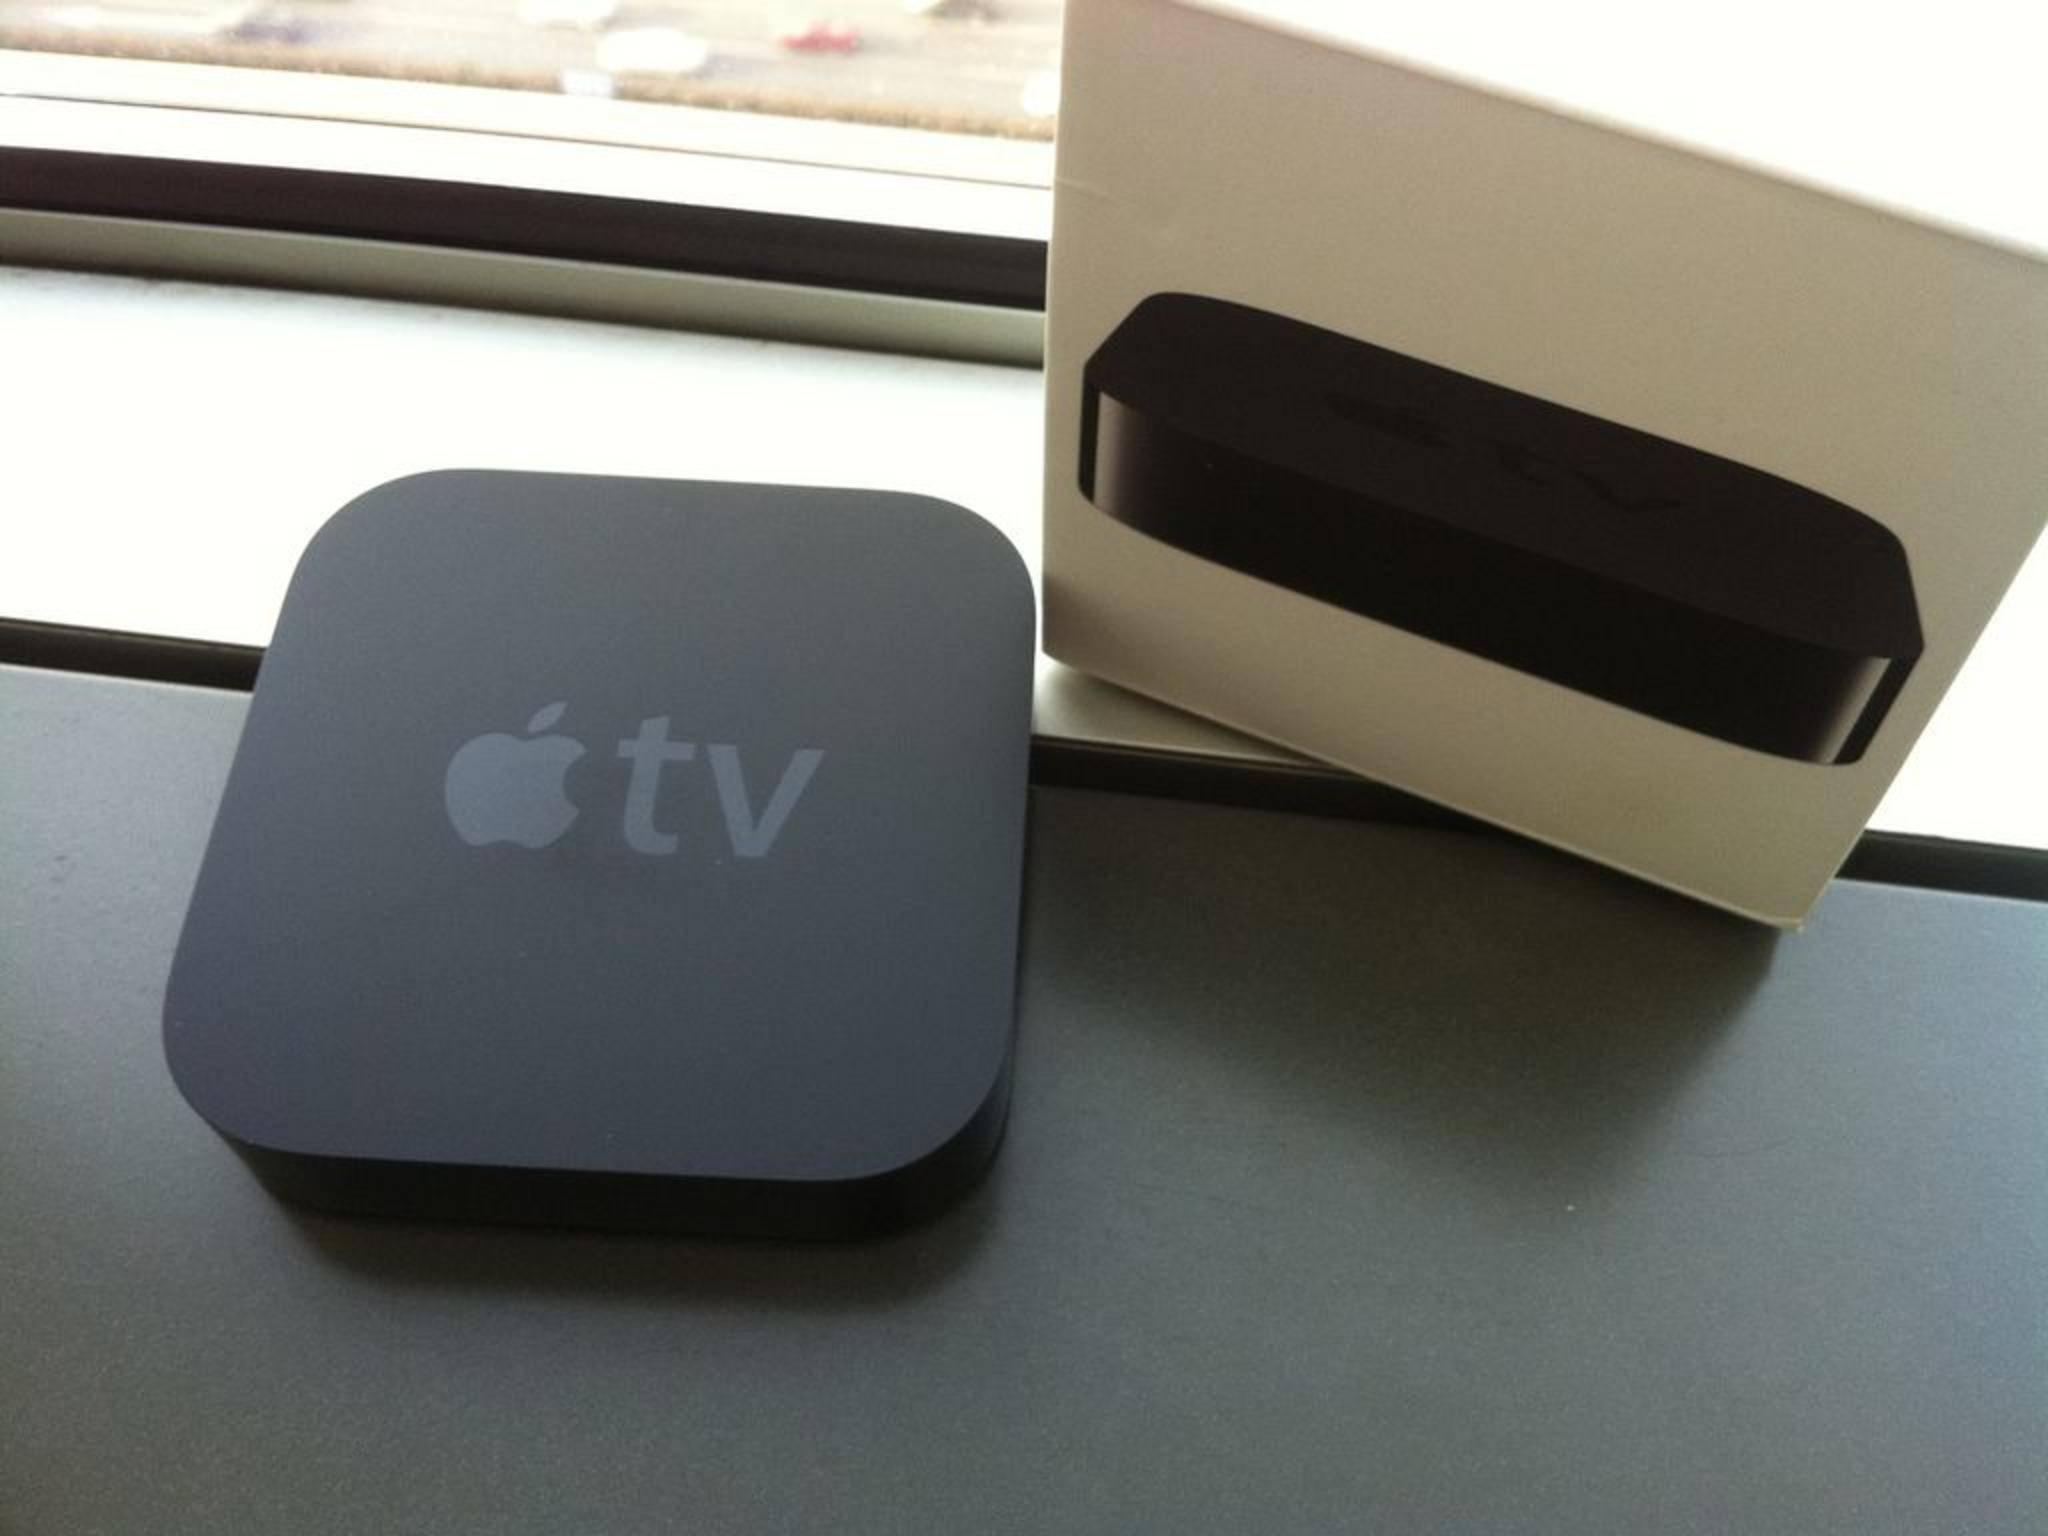 Die Streaming-Box Apple TV kostet nur noch 79 Euro.